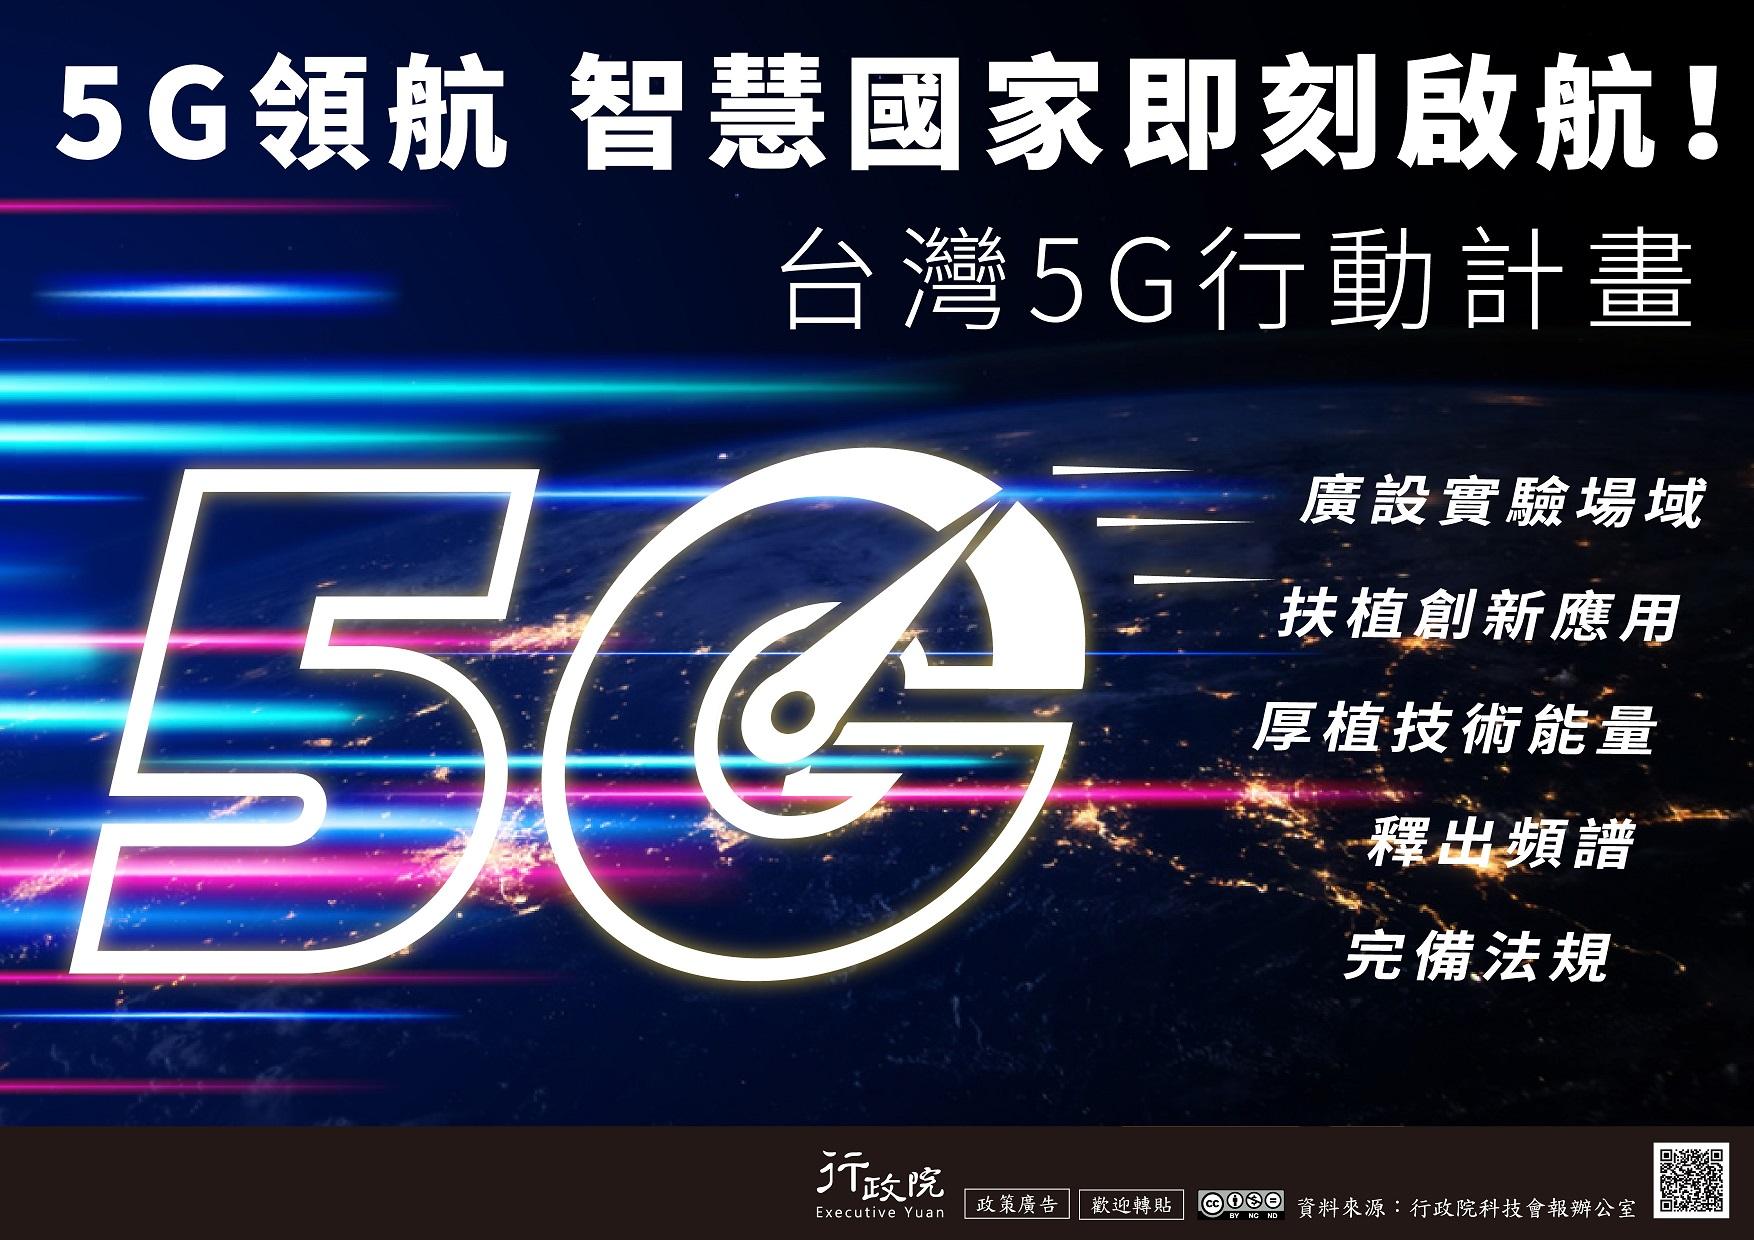 台灣5G行動計畫.jpg